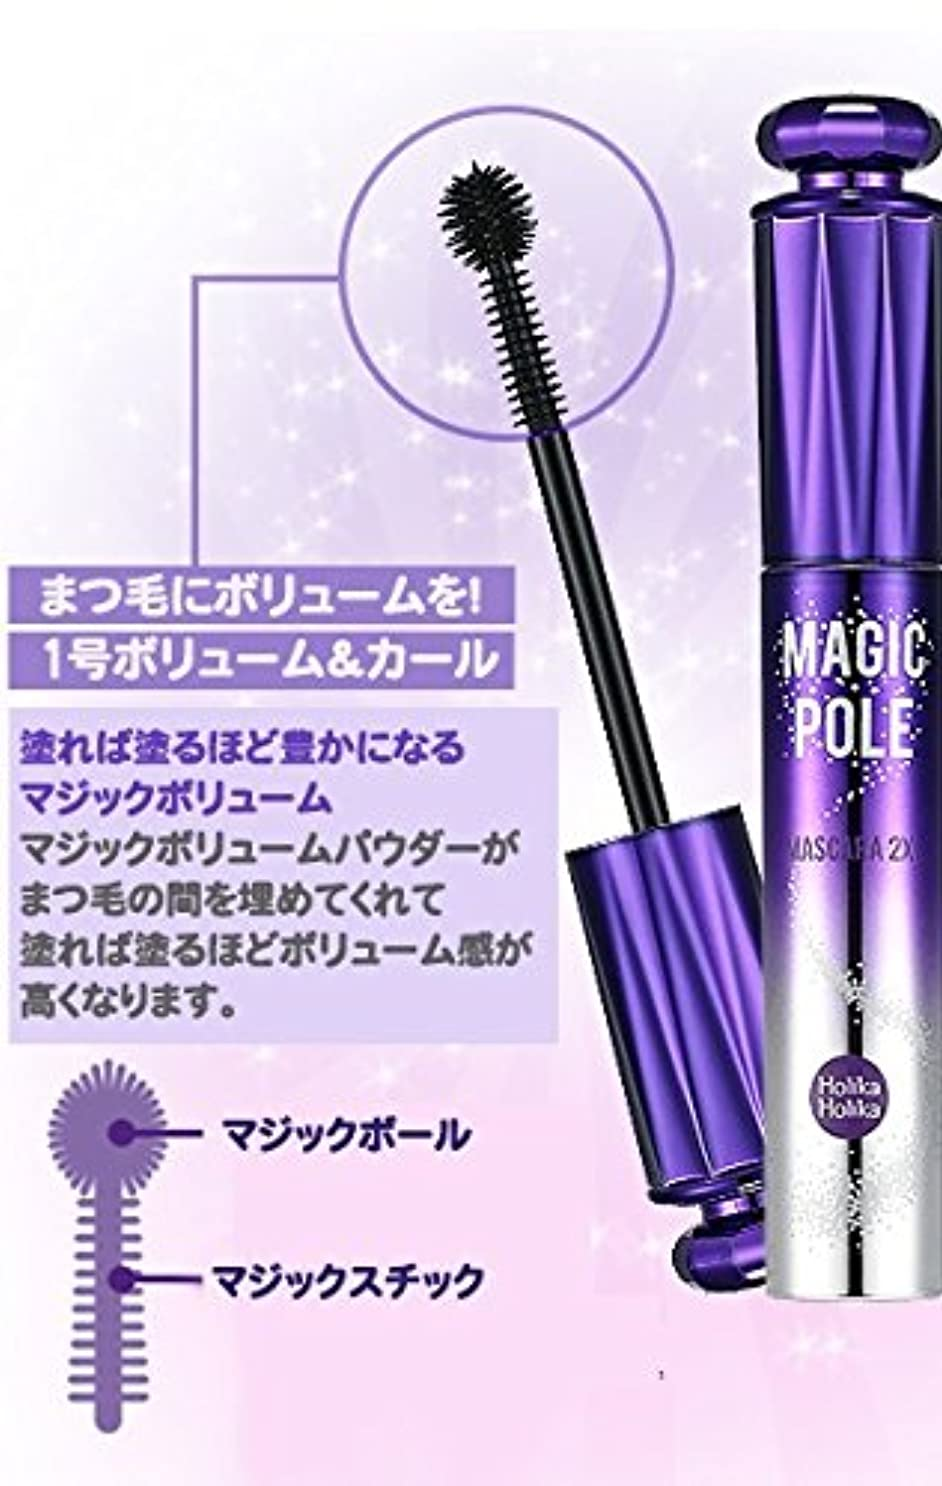 Holika Holika ホリカホリカ マジックポールマスカラ 2X 4類 (Magic Pole Mascara 2X) 海外直送品 (1号 ボリューム&カール)